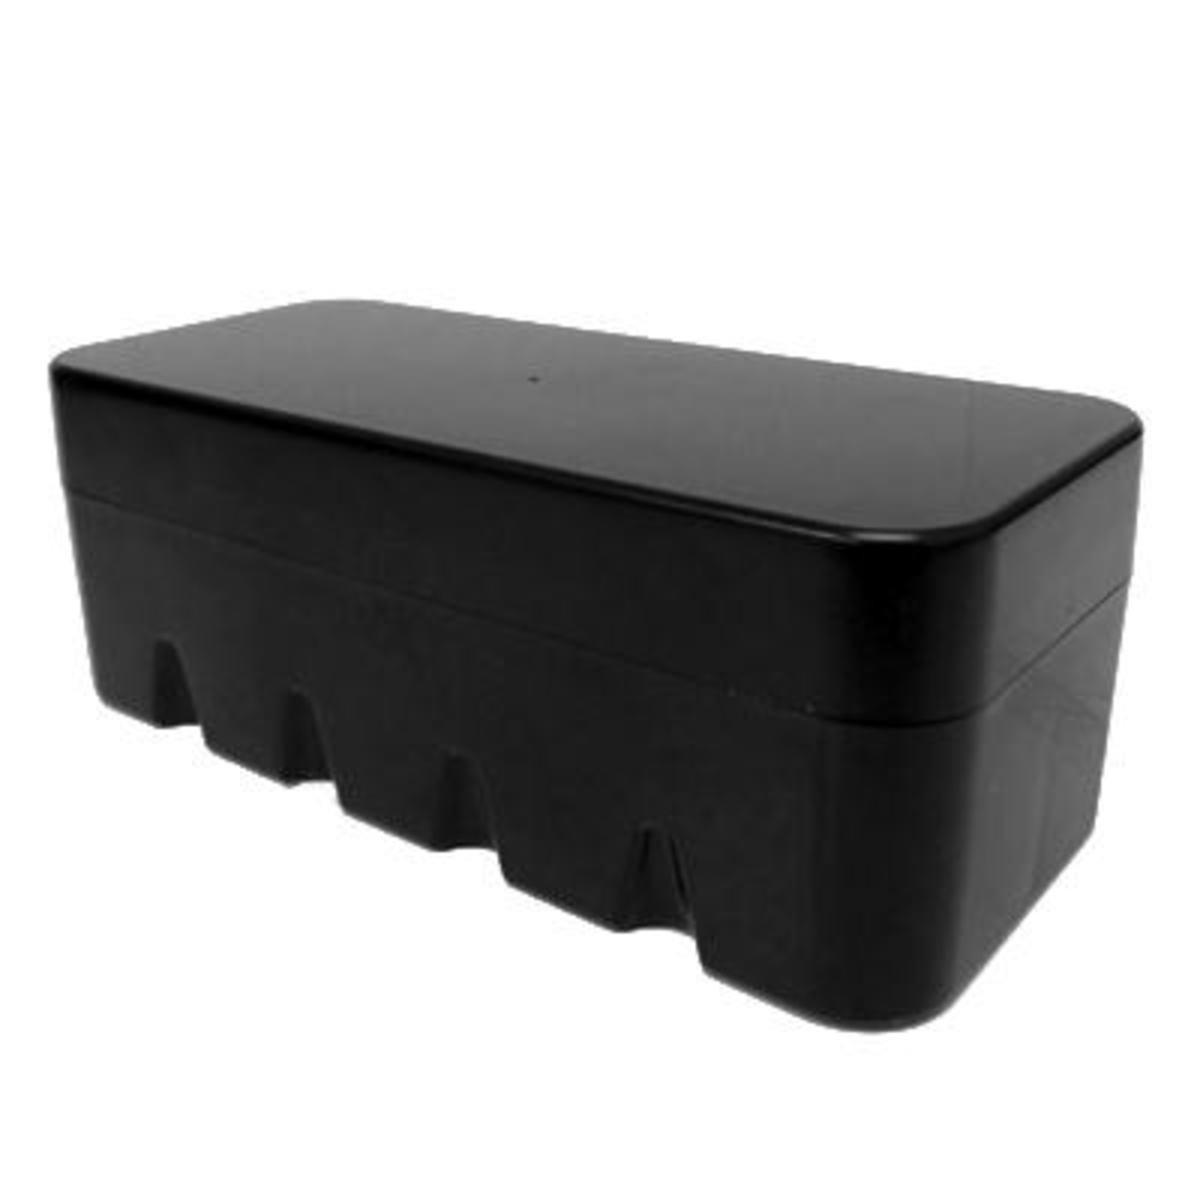 菲林盒 35mm 10筒裝 (黑色)